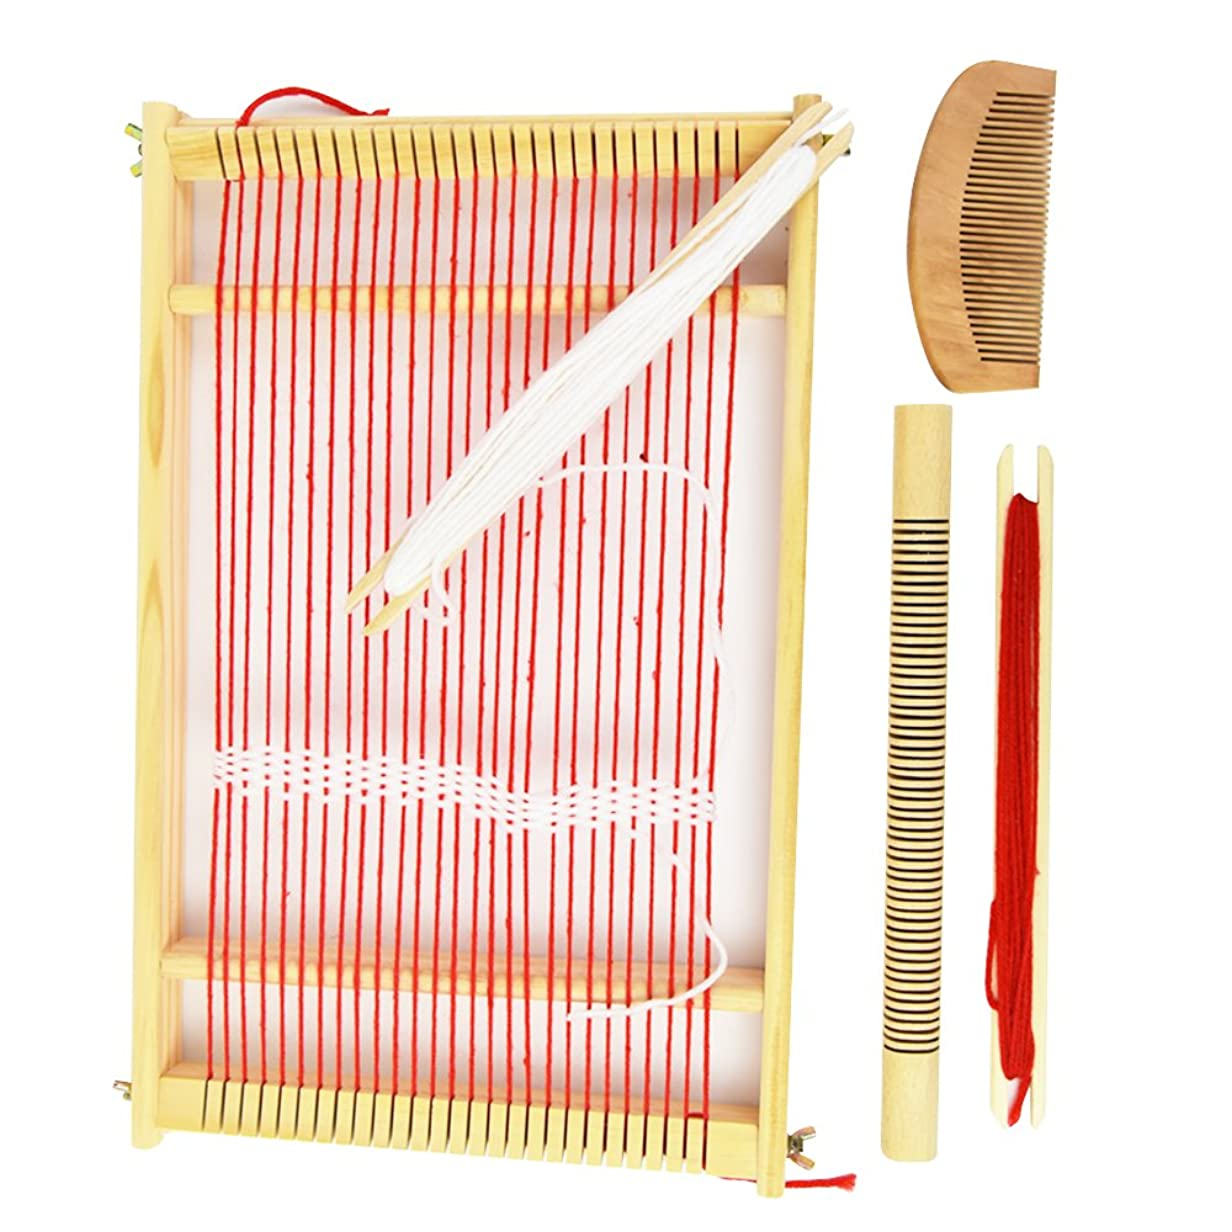 反対請求可能無駄PH PandaHall 木製 手織り機 編み機 はたおりき 卓上織り機 糸付き(混合4色) 子ども 大人兼用 220x165x25mm 手芸道具 メイキングトイ 操作簡単 おもちゃ 手芸屋さんの重宝 制作道具 布づくり ストール コースター